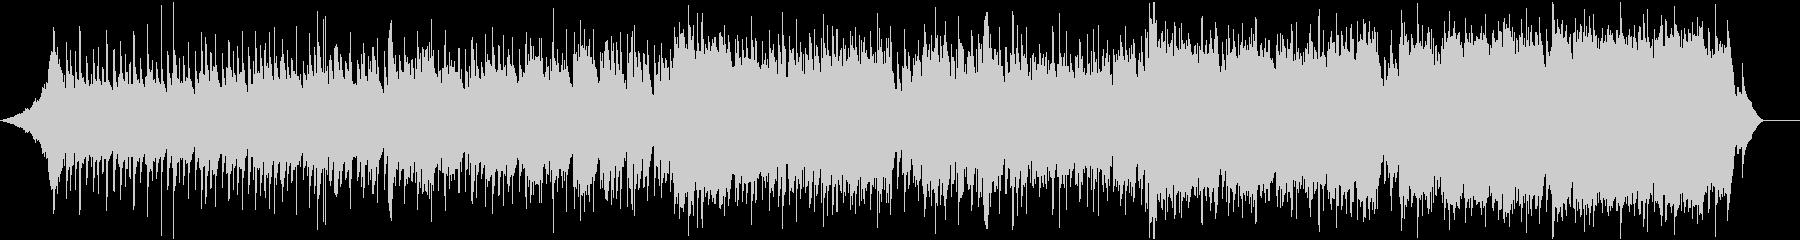 幻想的なアルペジオが美しいインストの未再生の波形